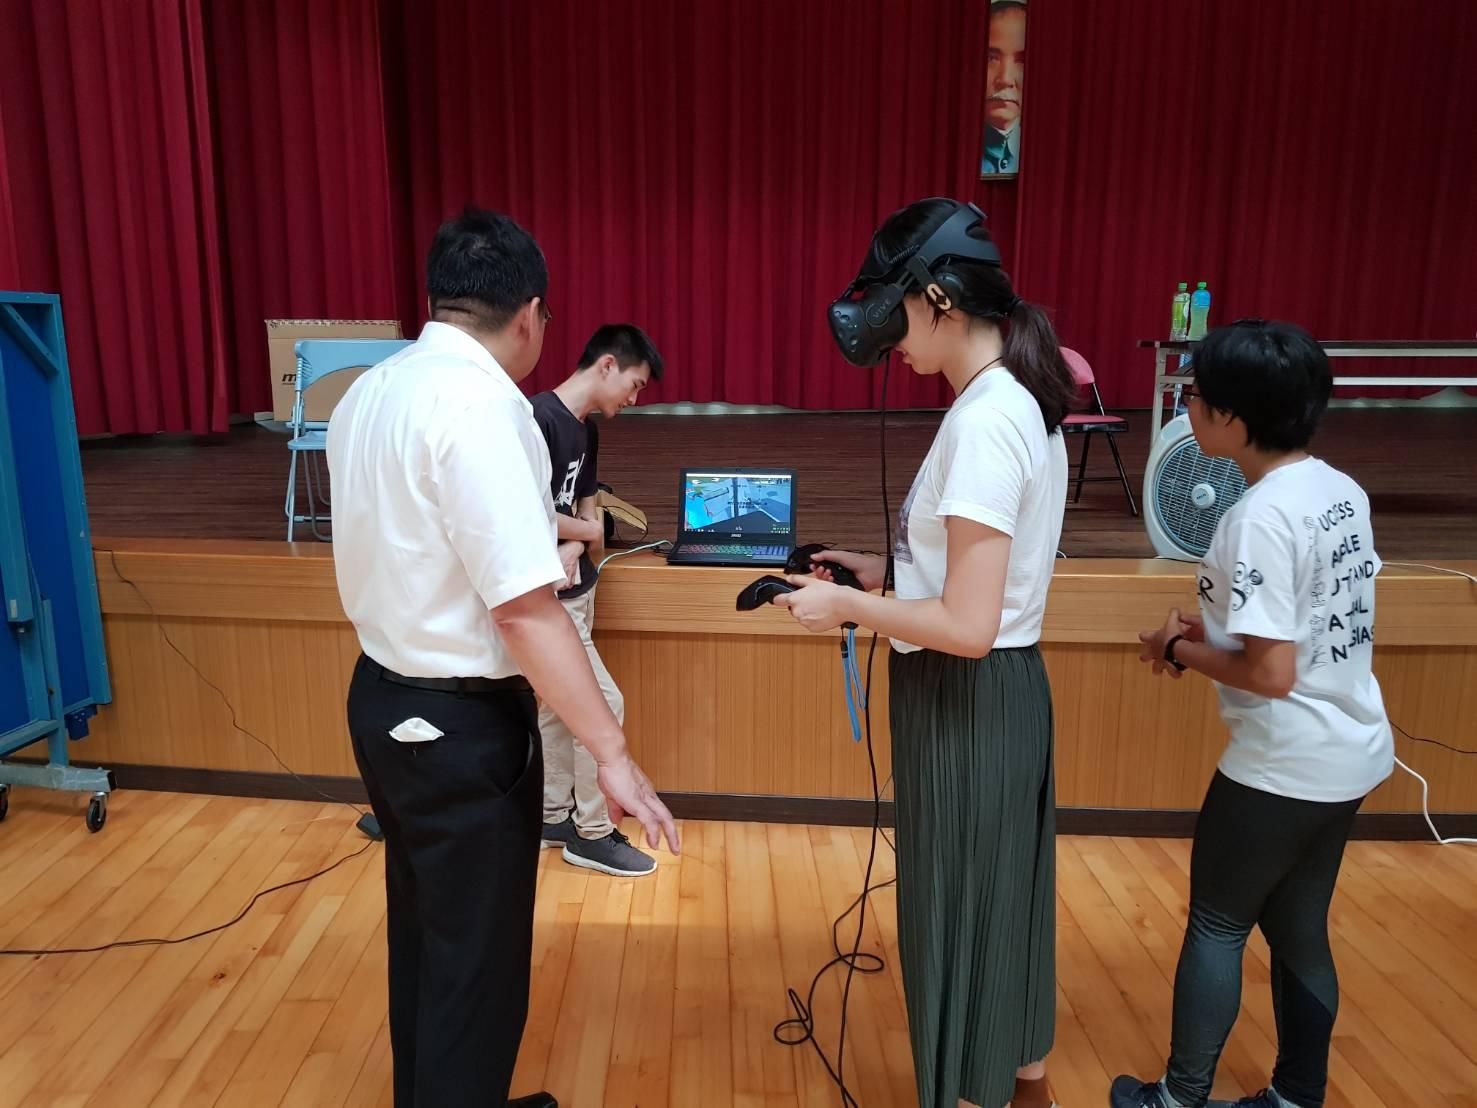 訓練日本學生指揮大傷現場之處置能力